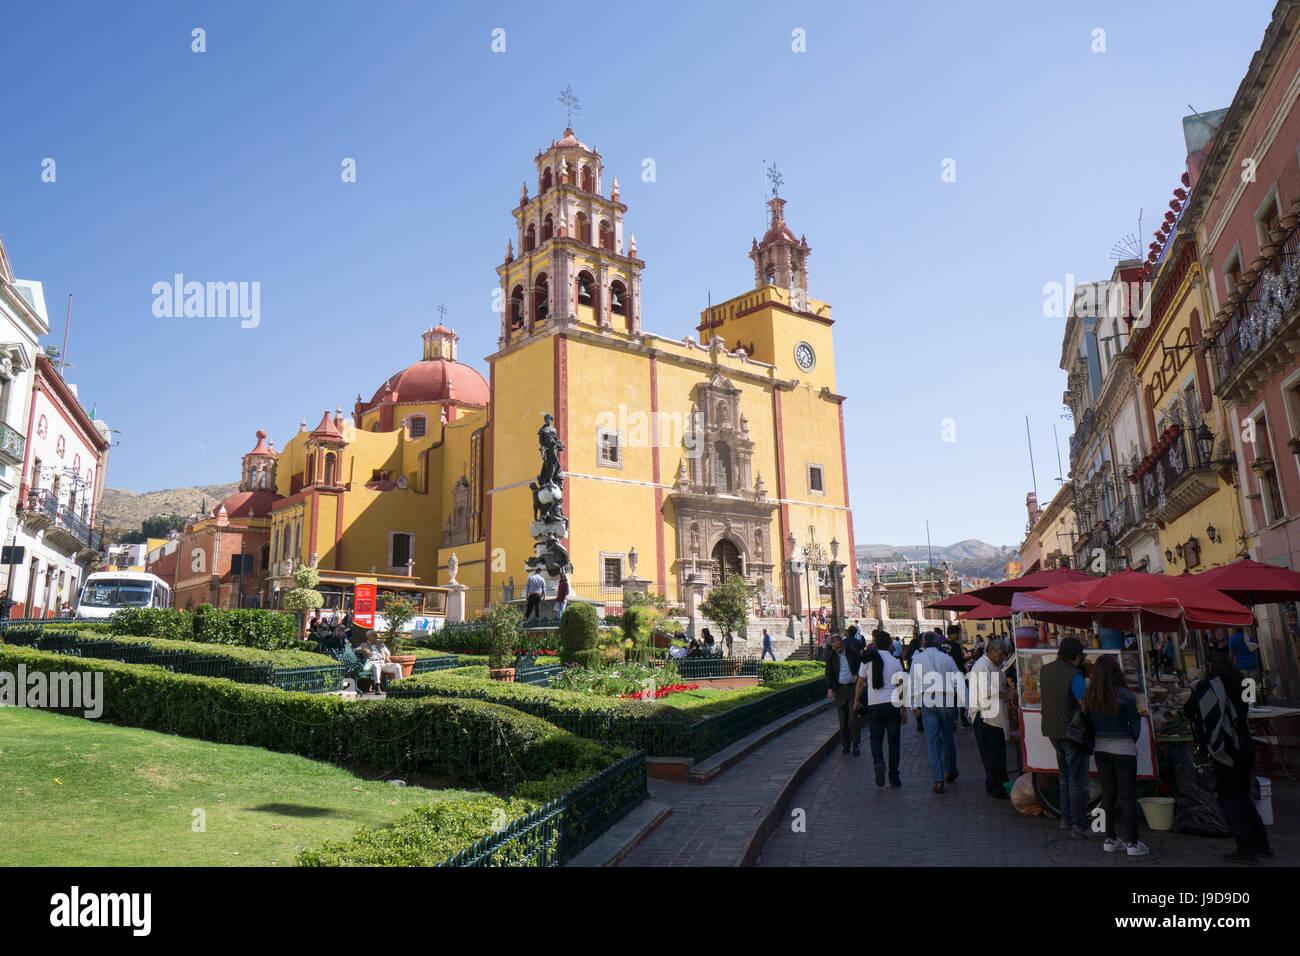 Basilica Colegiata de Nuestra Senora de Guanajuato, Guanajuato, UNESCO World Heritage Site, Mexico, North America Stock Photo